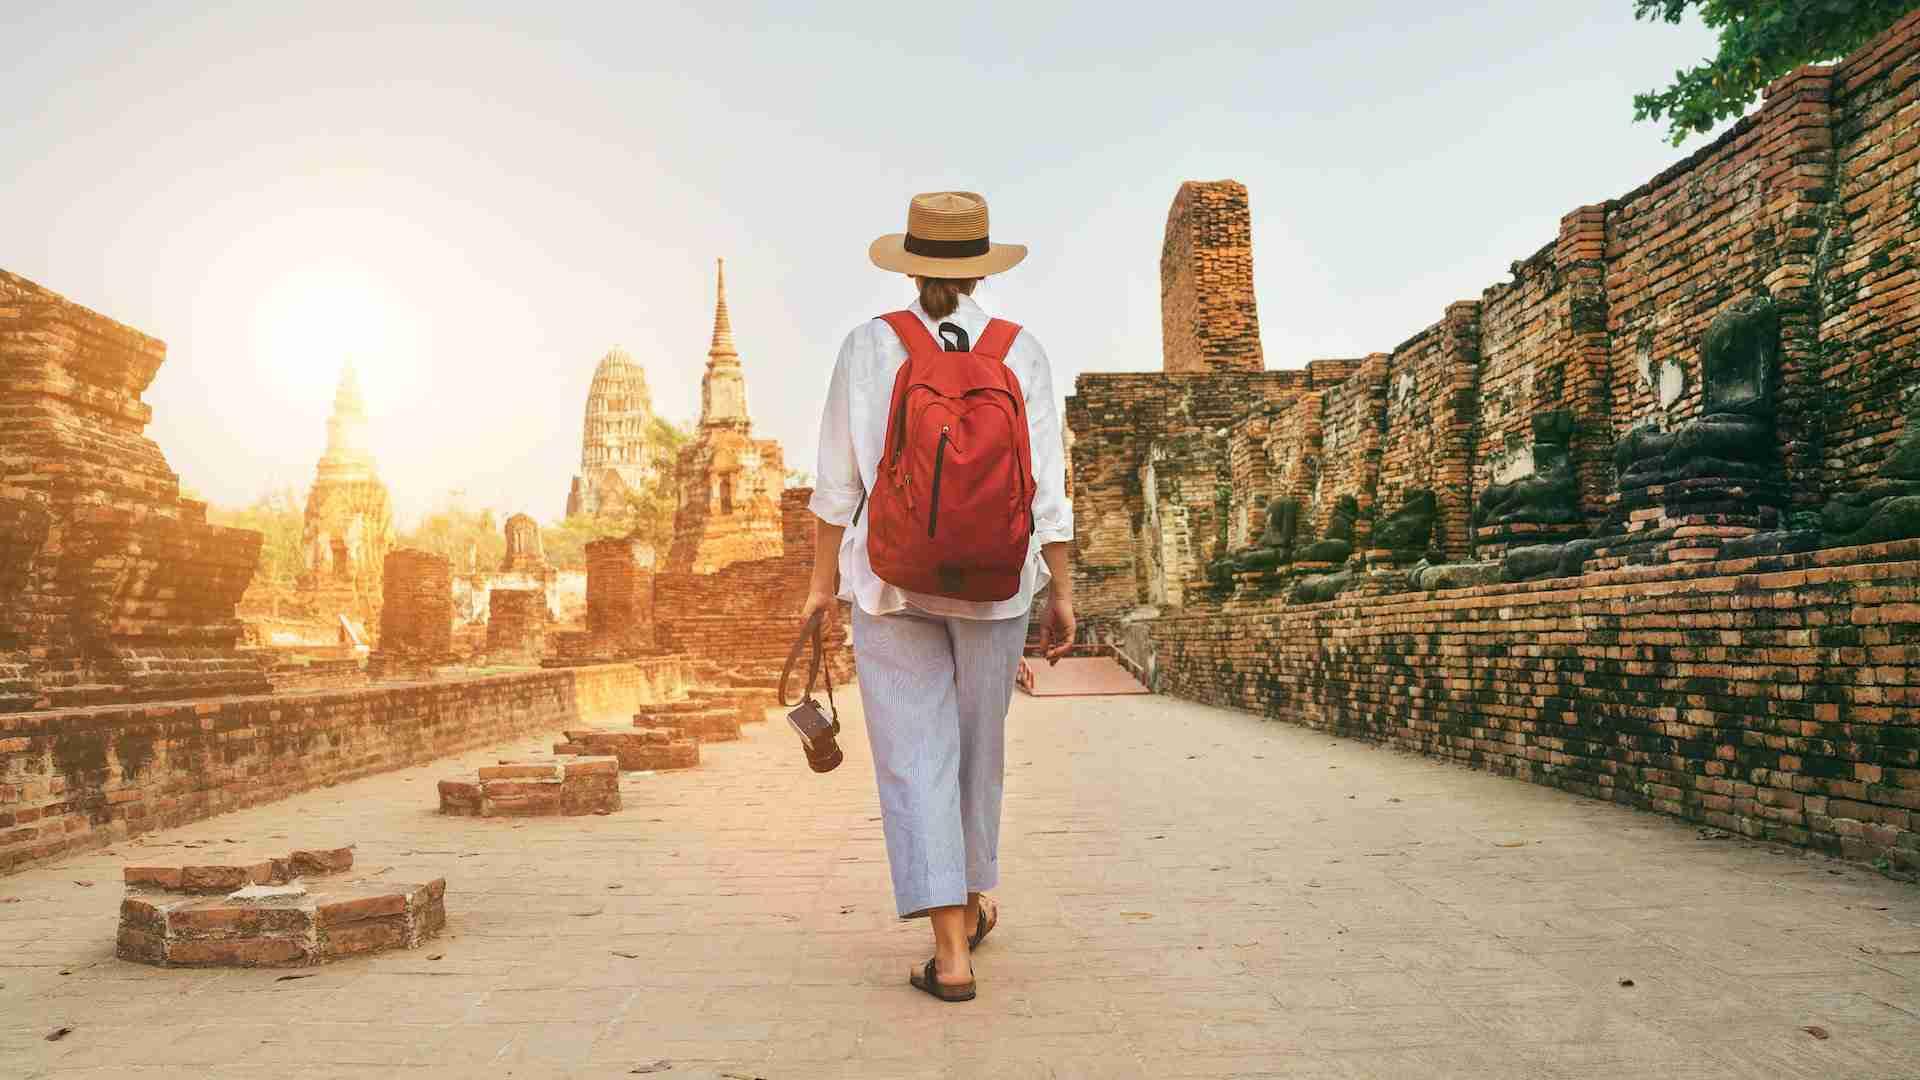 Photo of a woman walking through Ayutthaya, Thailand, on Private Photo Tours.